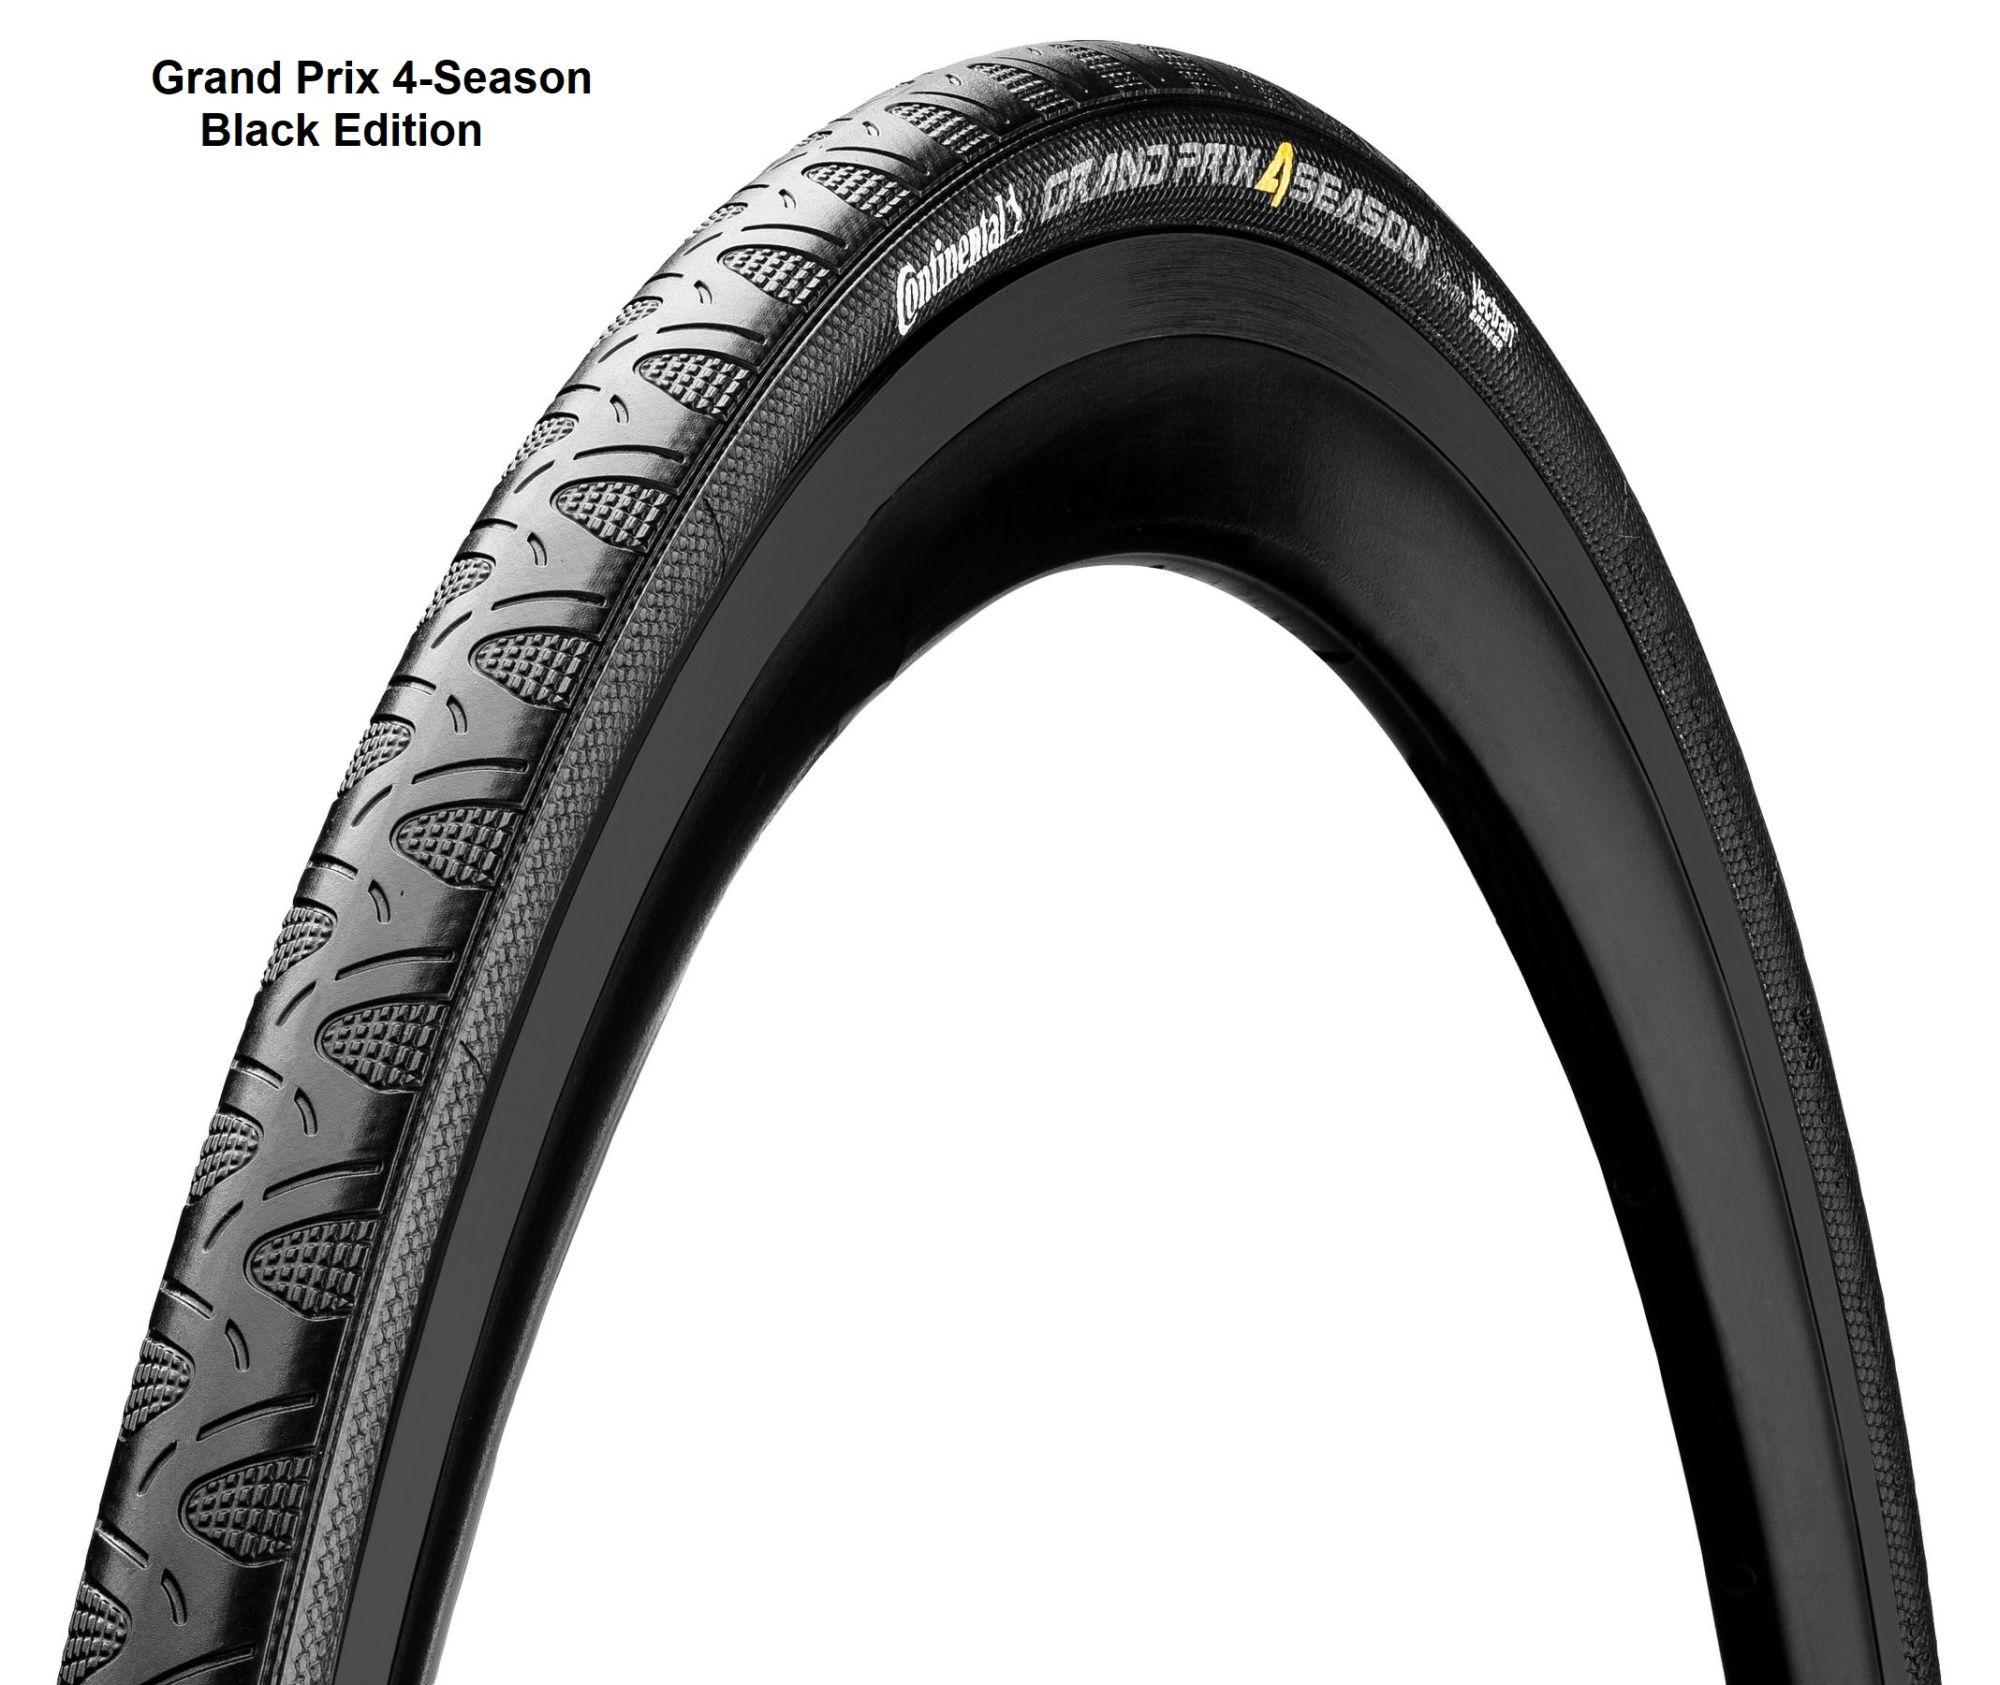 Continental Double Vectran Breaker - 28 pollici Grand Prix 4 Season Black Edition (23-622) nero nero